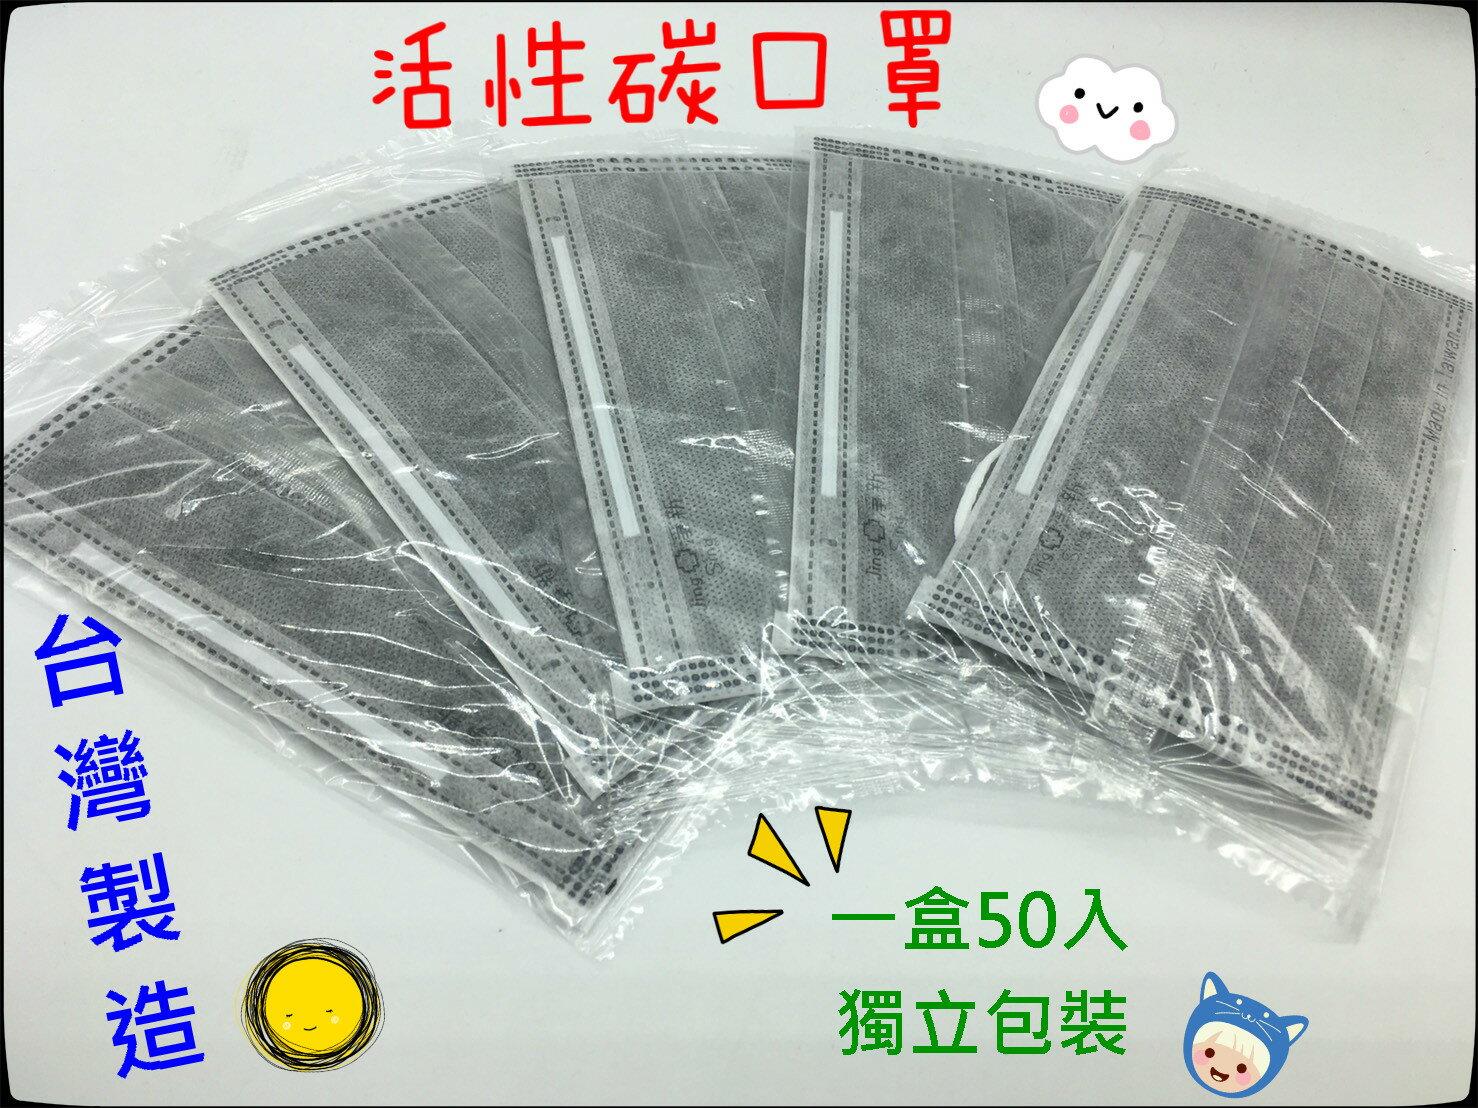 ?含發票?高品質?台灣製造-活性碳口罩?獨立包裝?口罩 面罩 防塵 活性碳 工廠 醫院 餐廳 拋棄式?